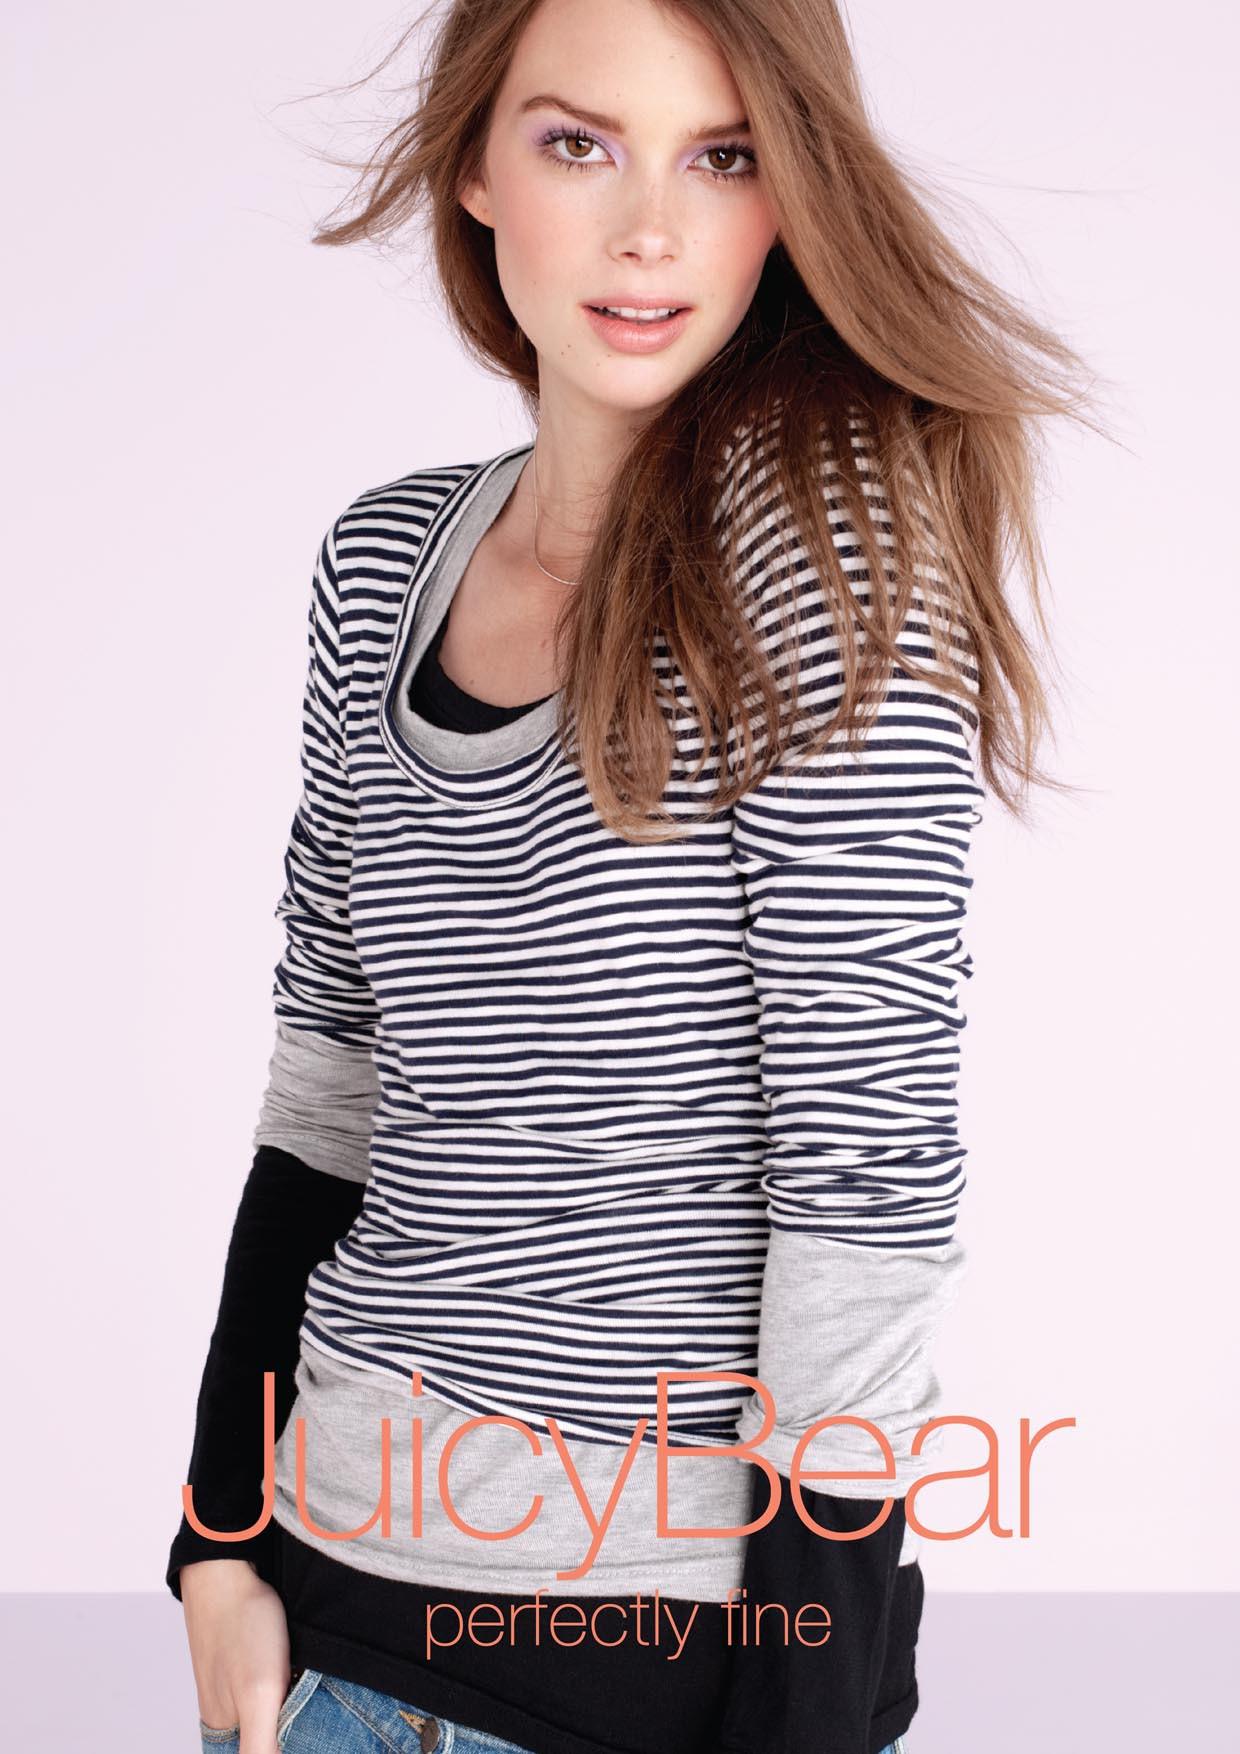 SALE Kennedy Fashion 24